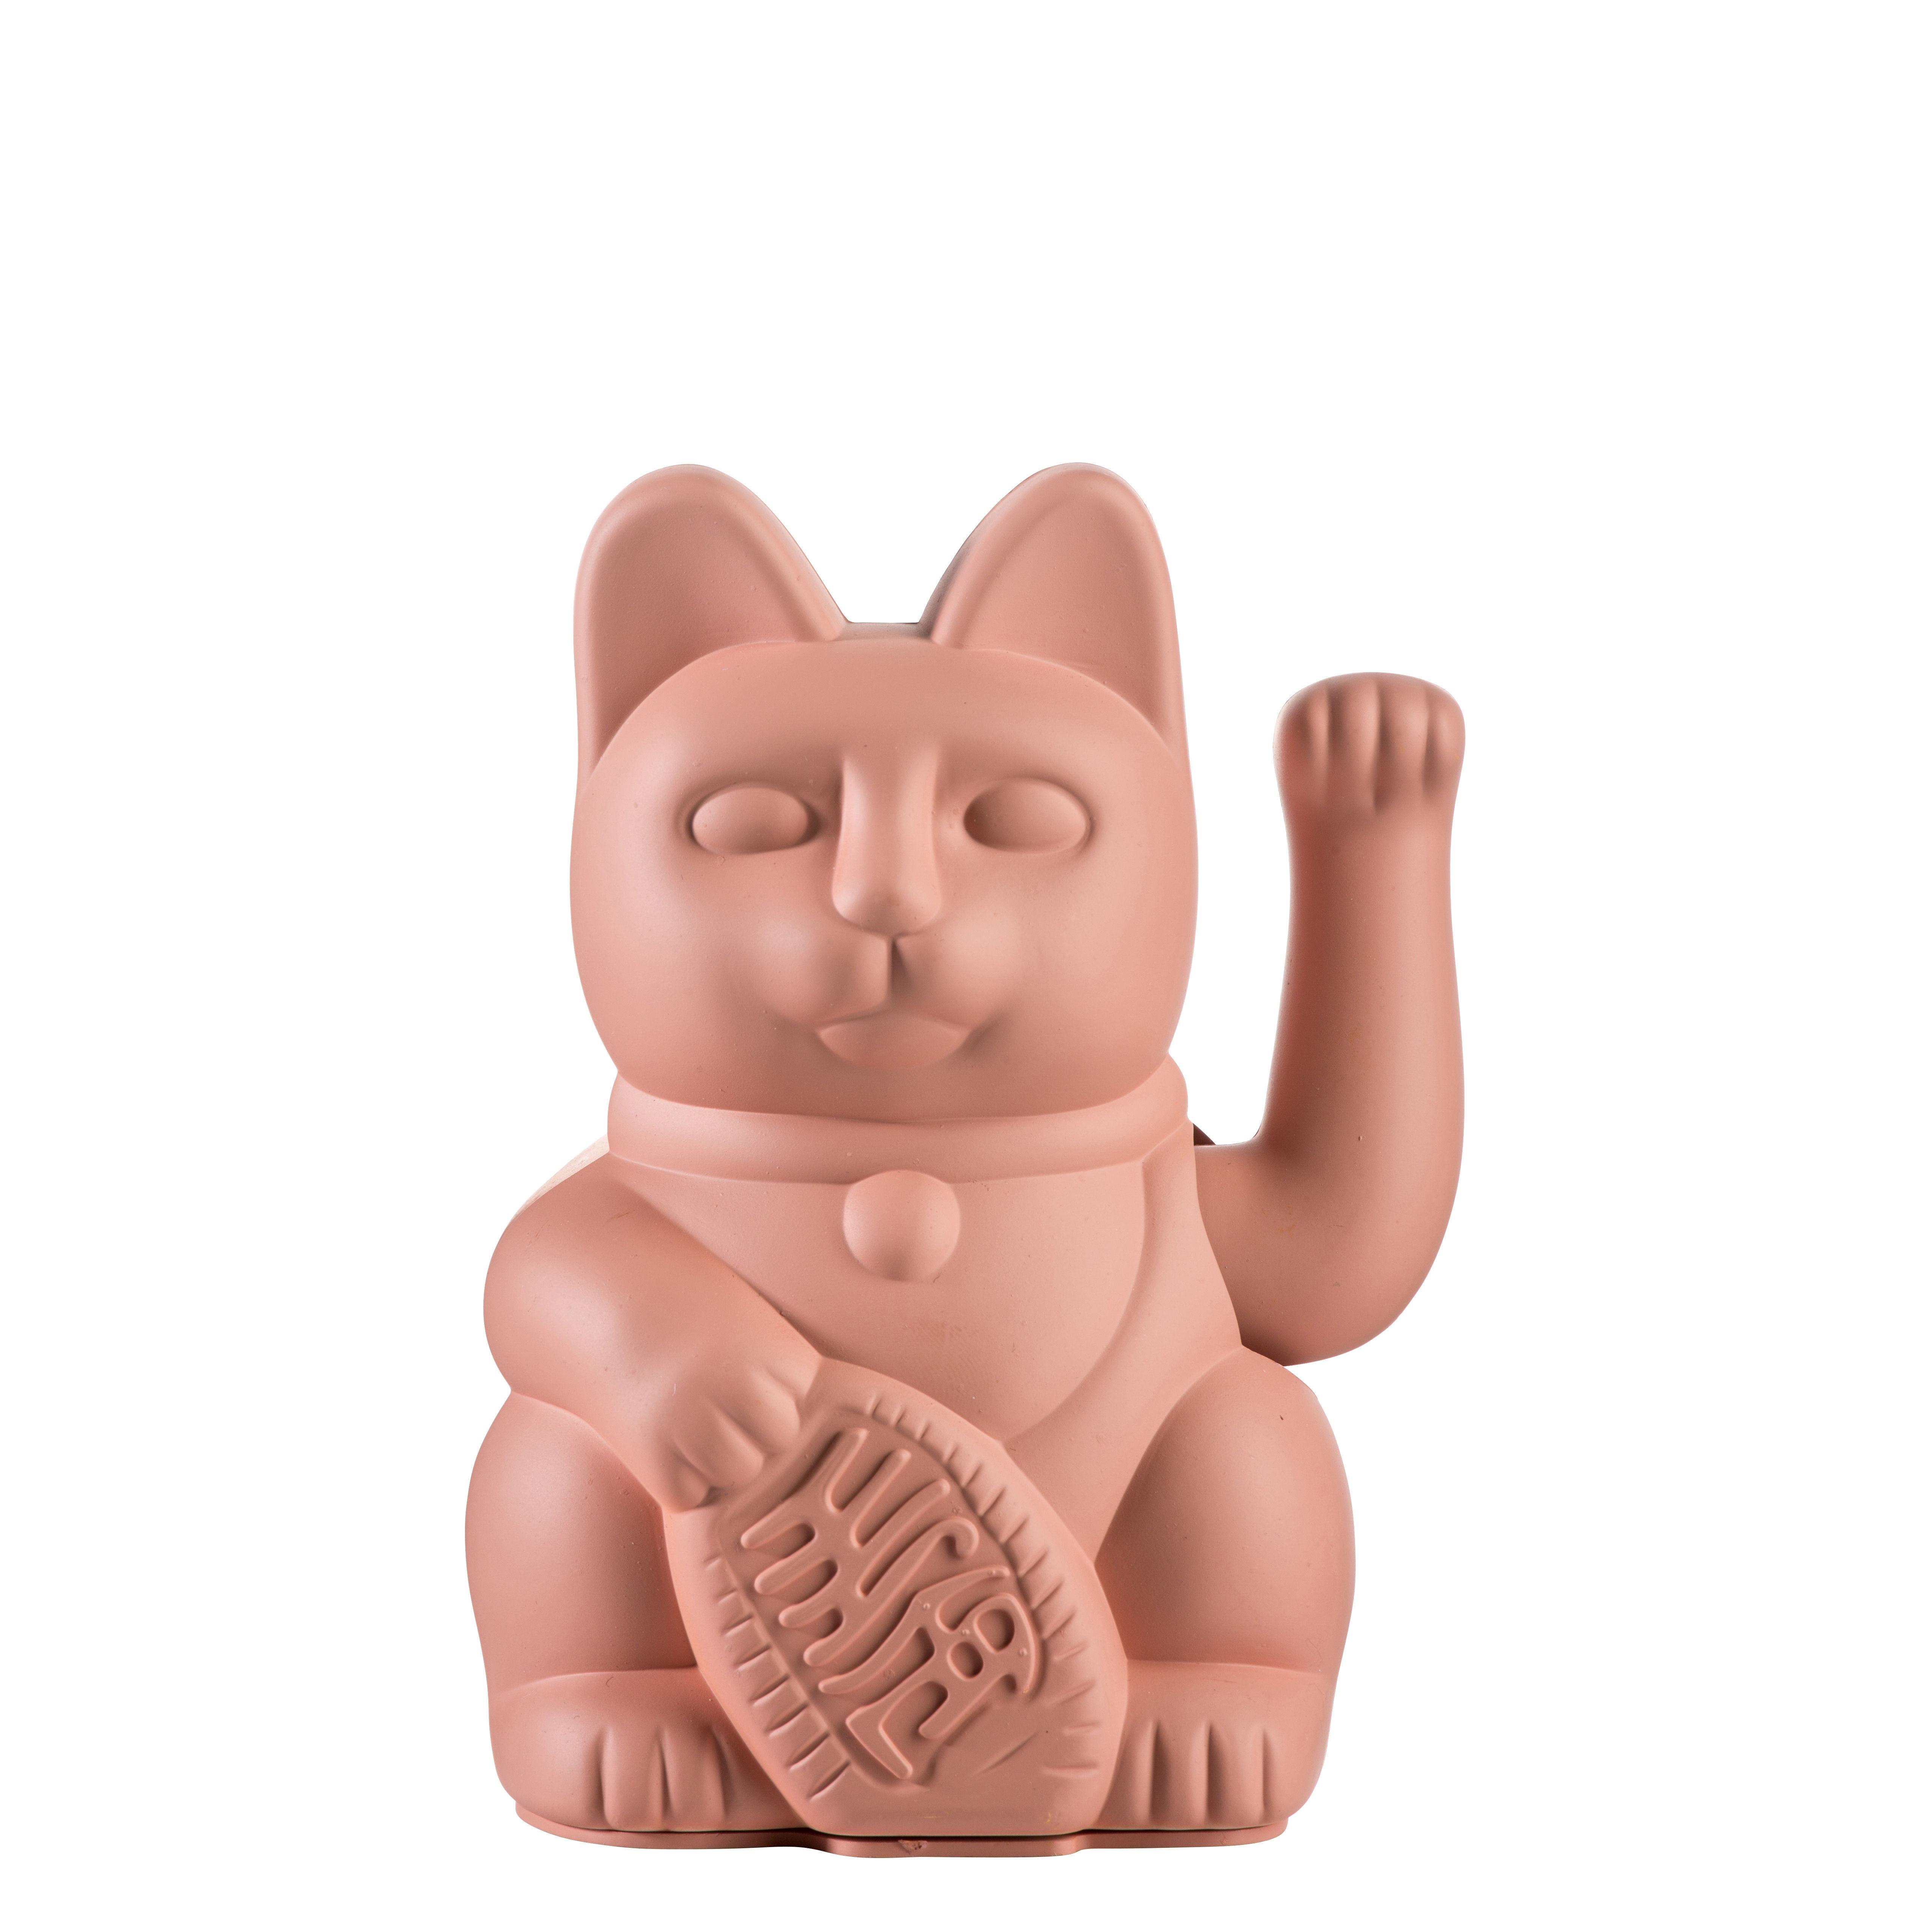 Déco - Pour les enfants - Figurine Lucky Cat / Plastique - Donkey - Rose - Plastique